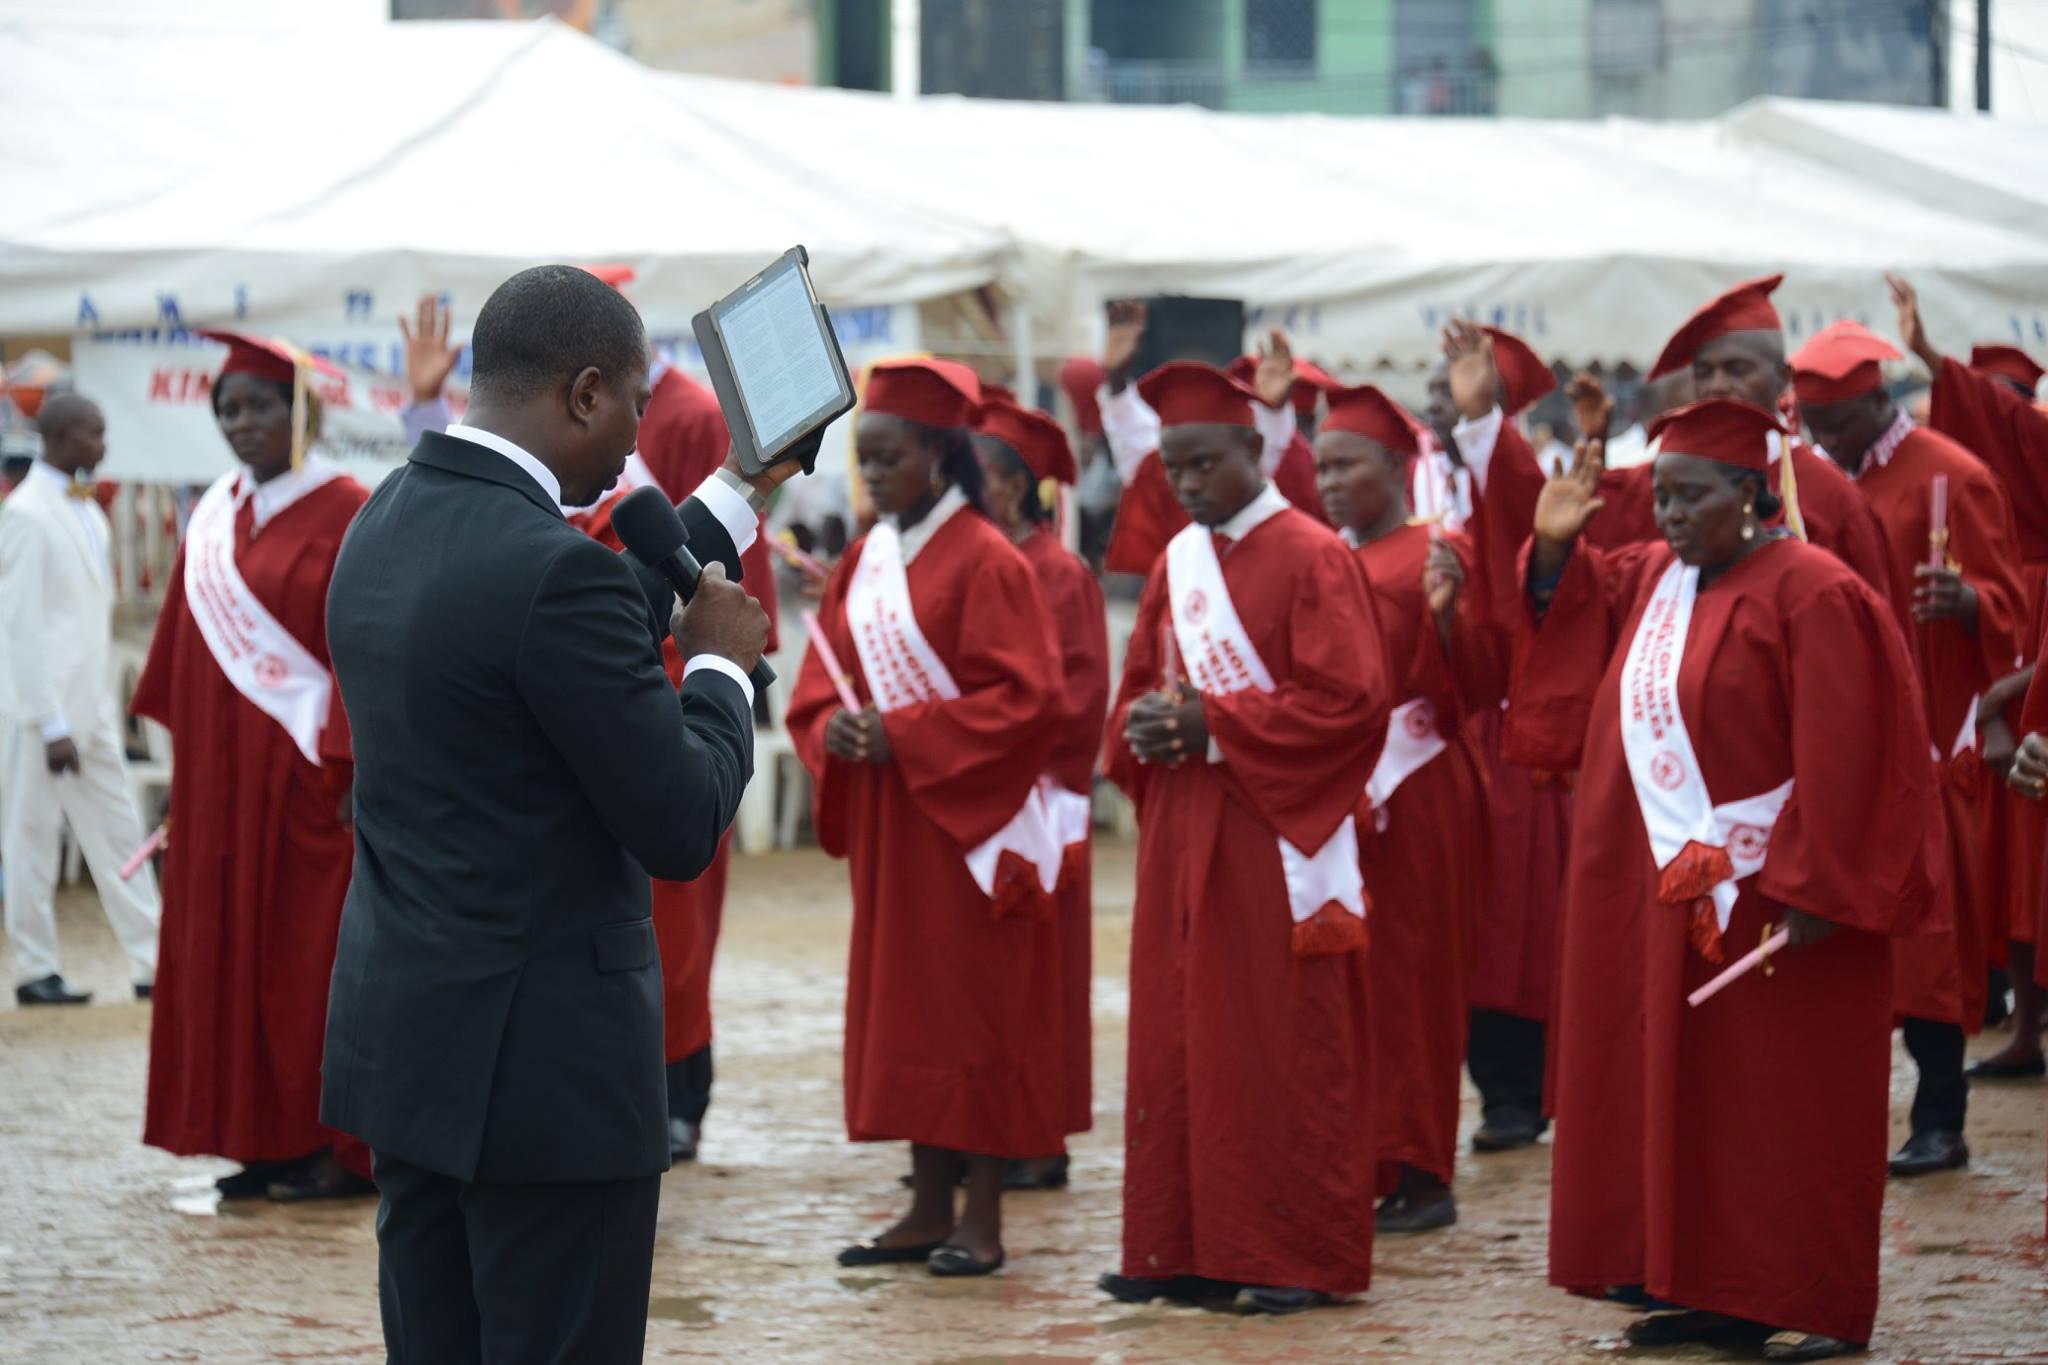 Charles praying for graduates